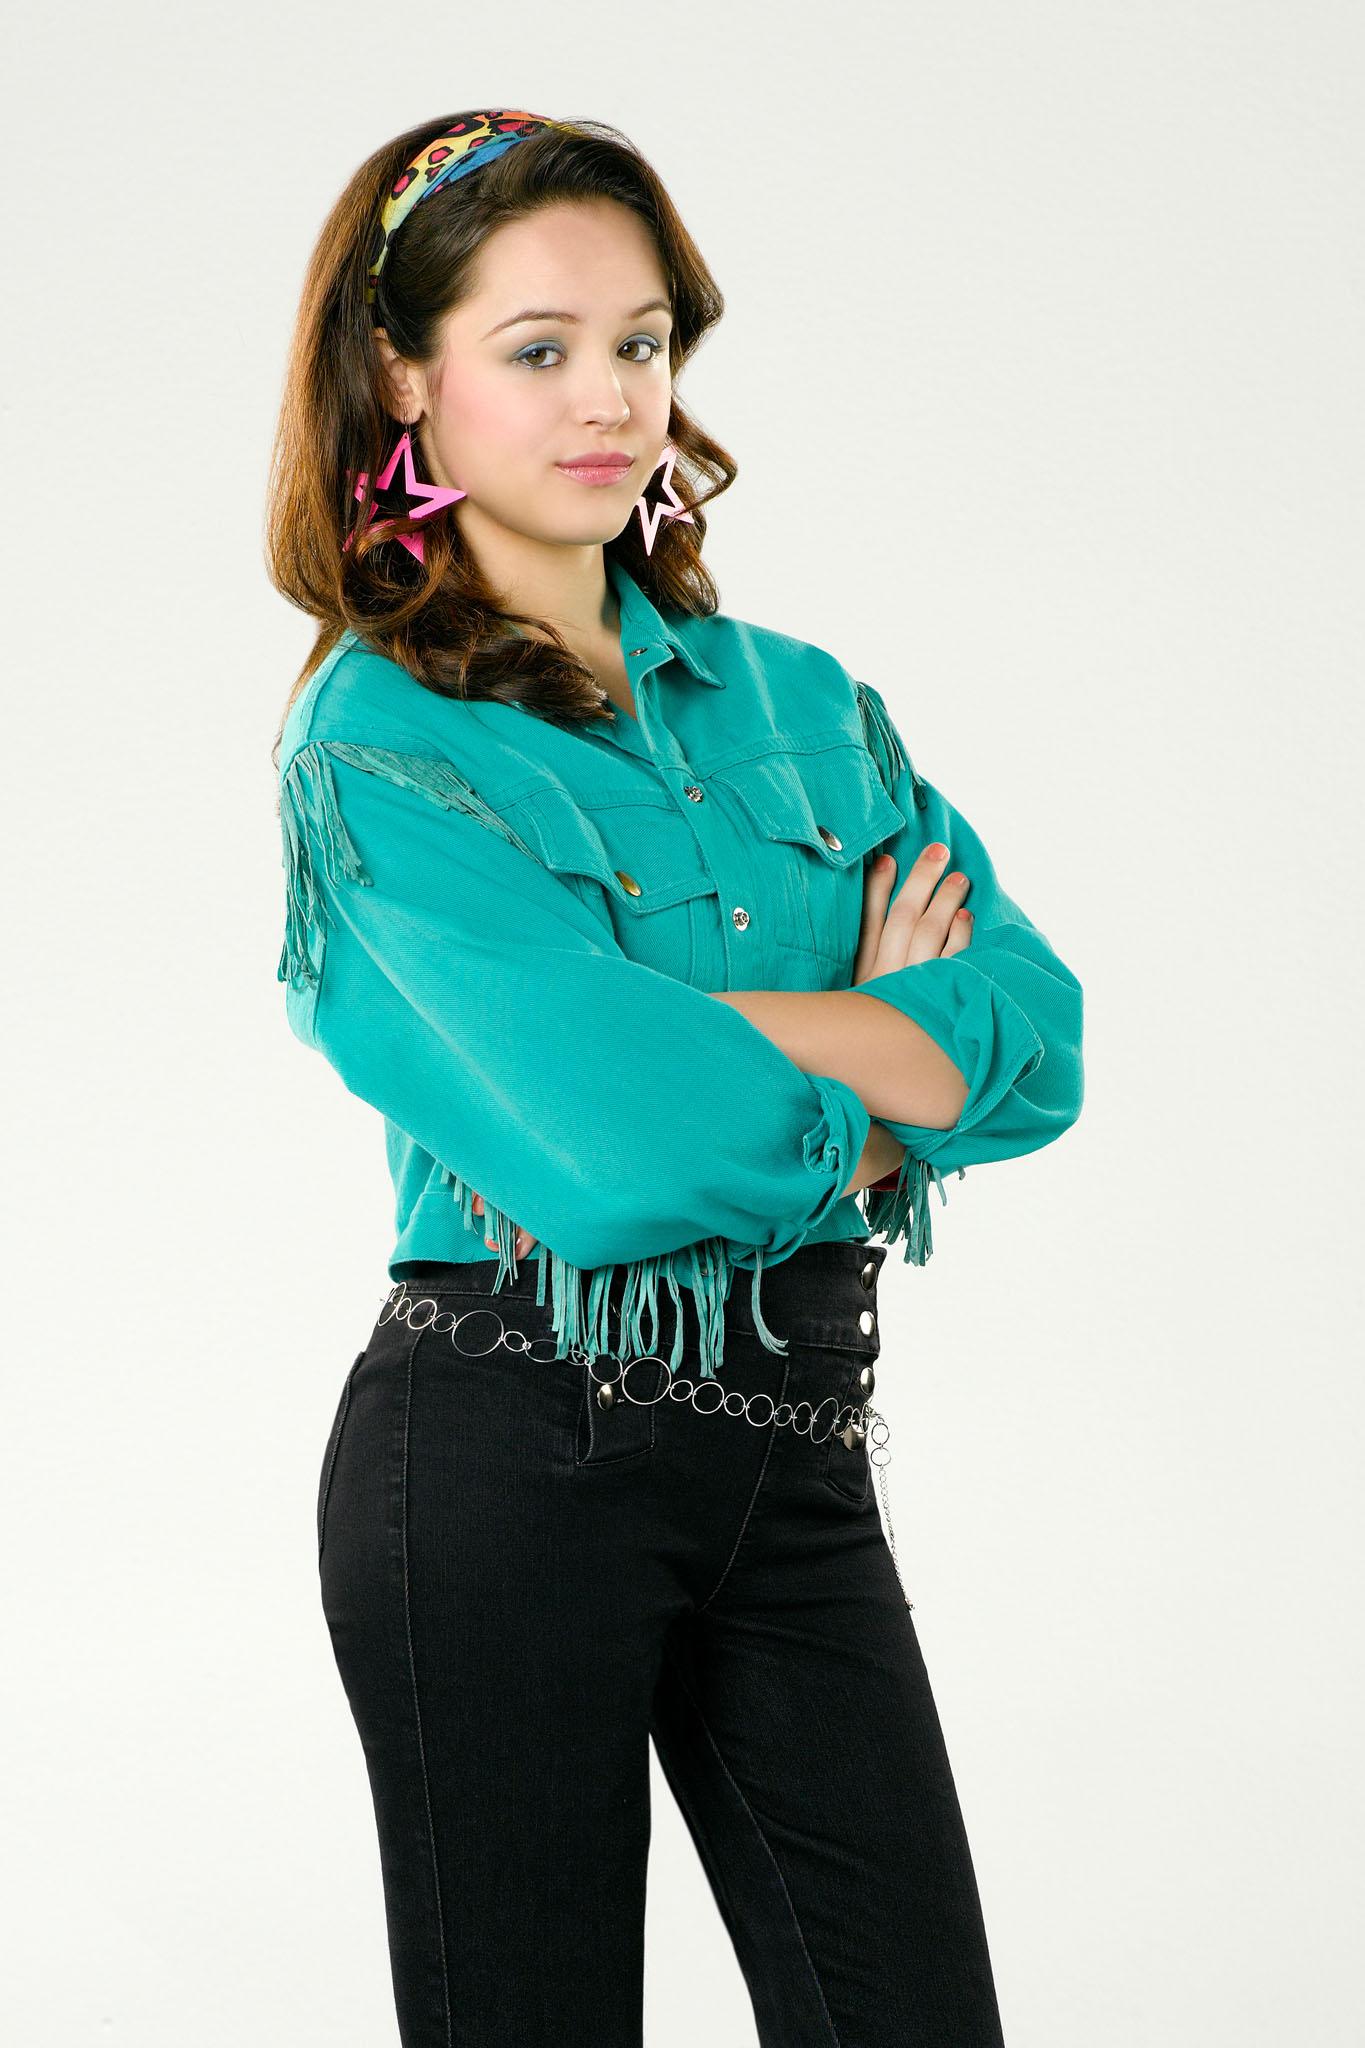 Hayley Orrantia audition